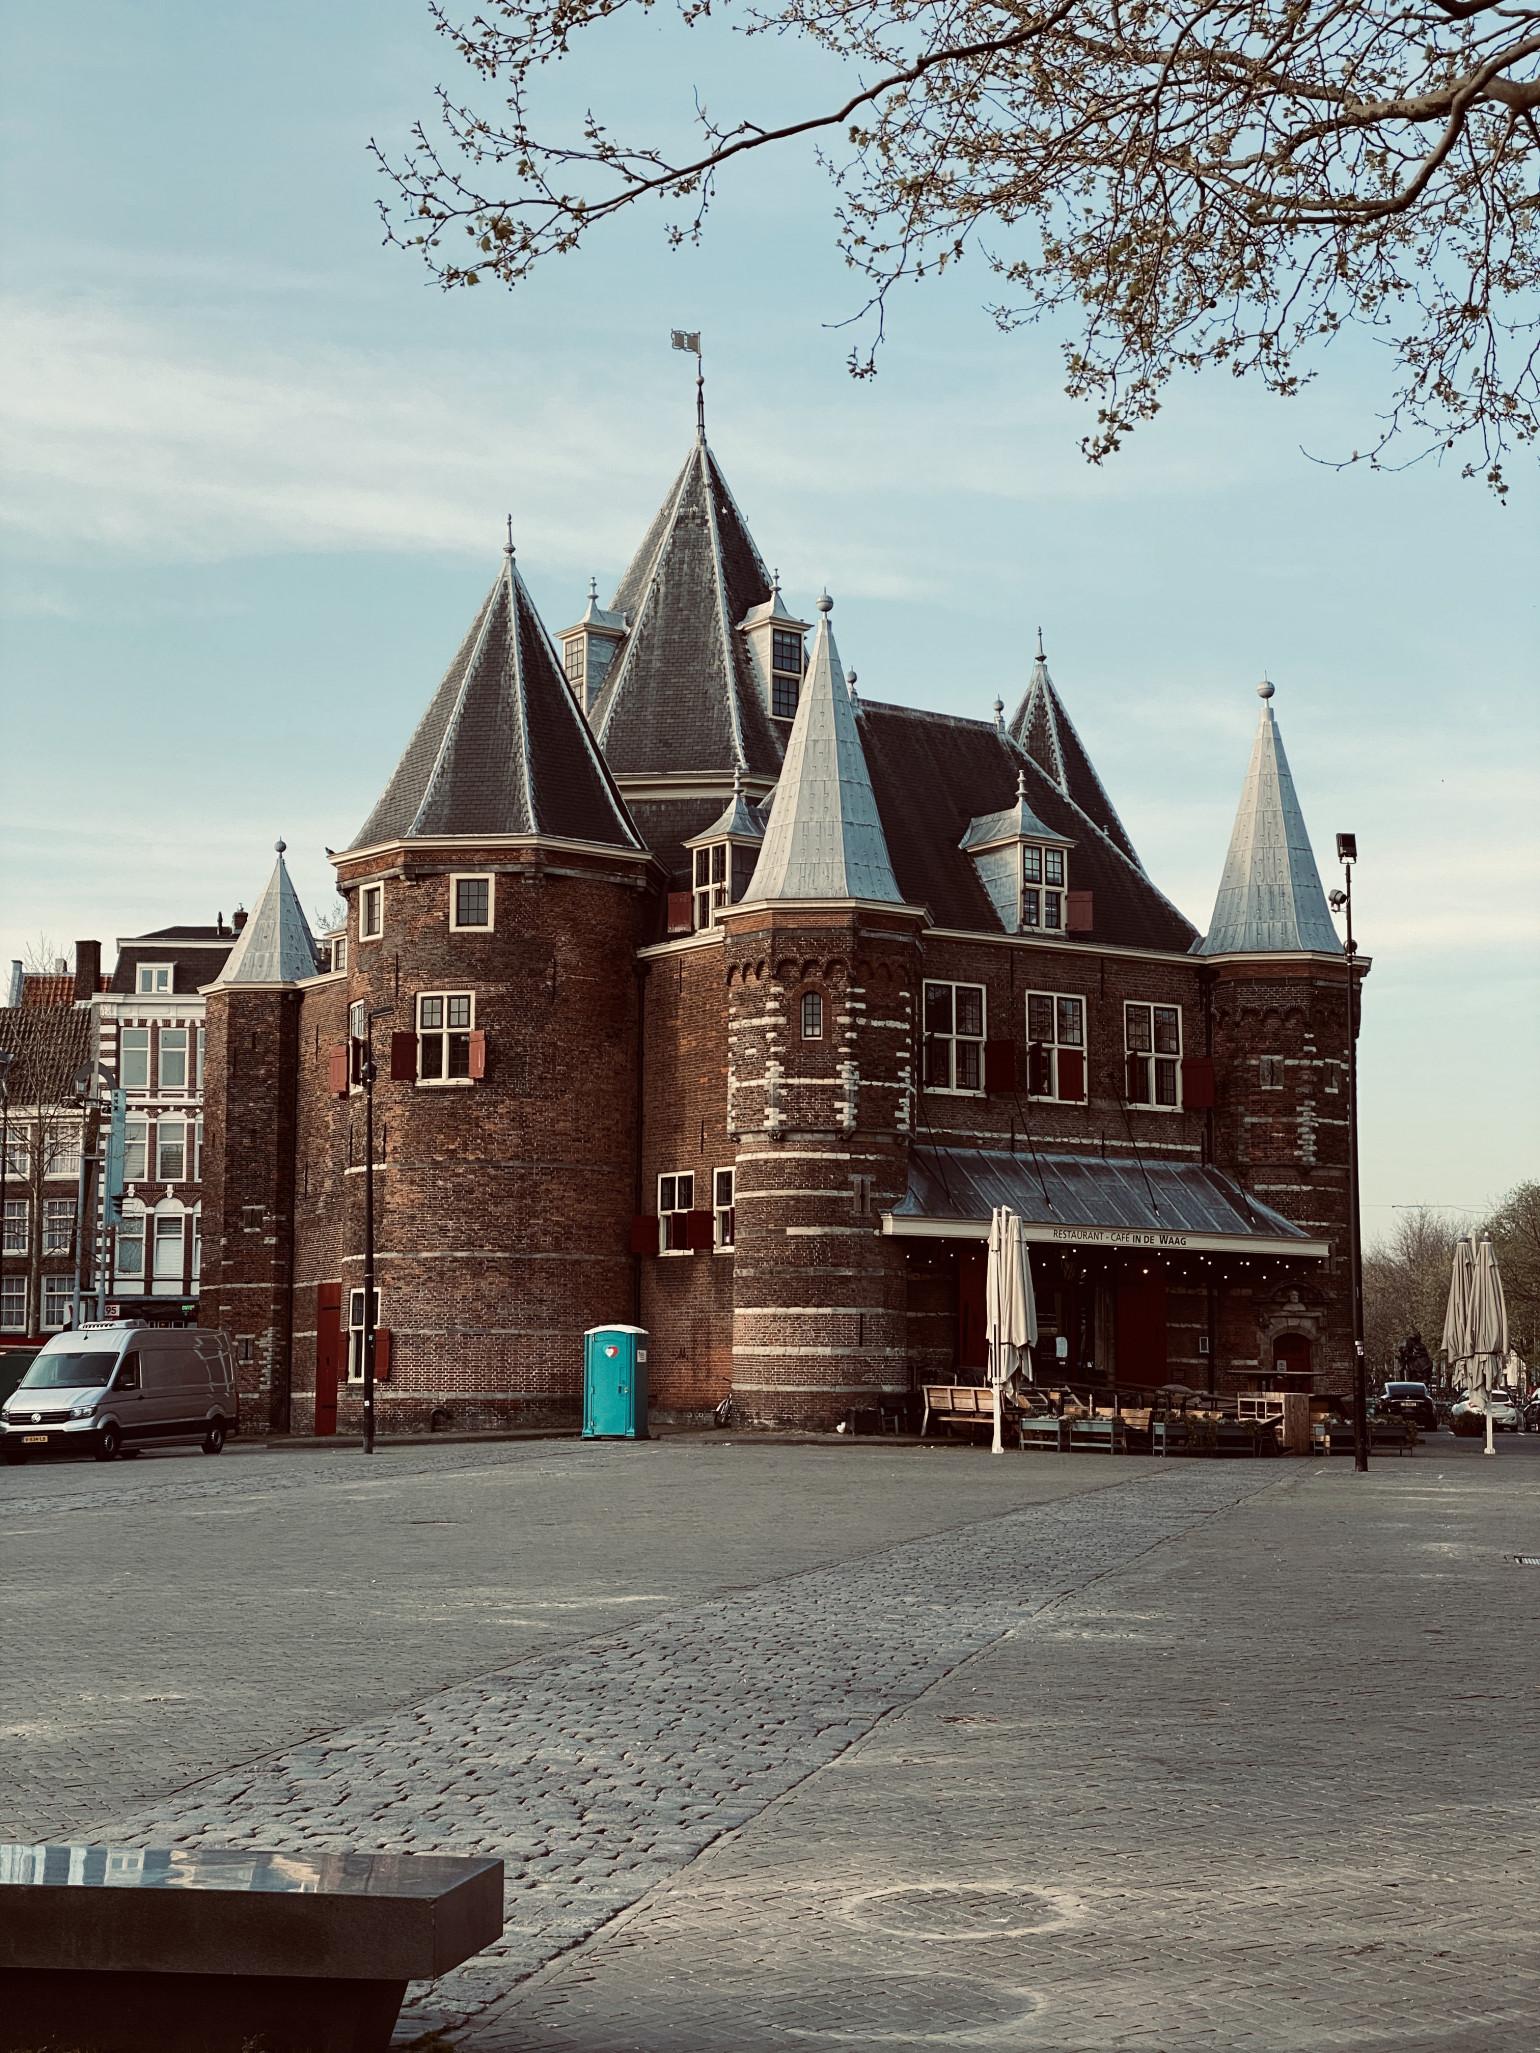 JOVD Amsterdam: Geef Amsterdamse horecaondernemers letterlijk en figuurlijk meer ruimte